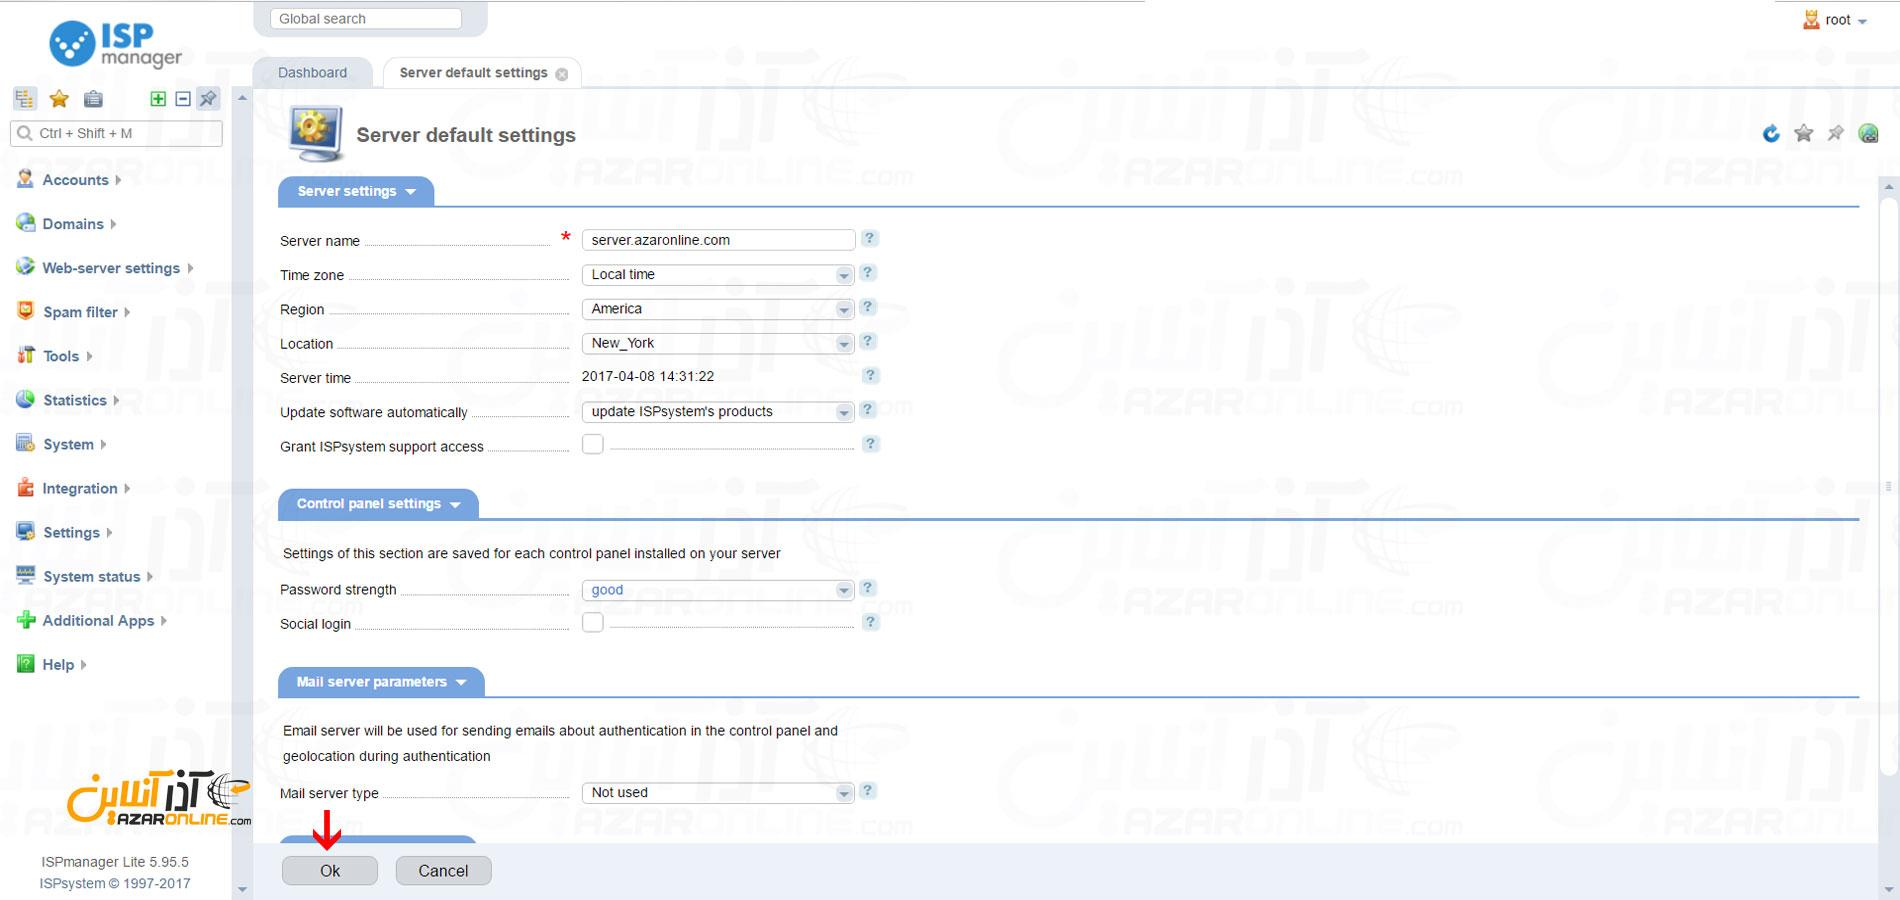 نصب کنترل پنل ISPmanager در لینوکس CentOS - تنظیمات سرور